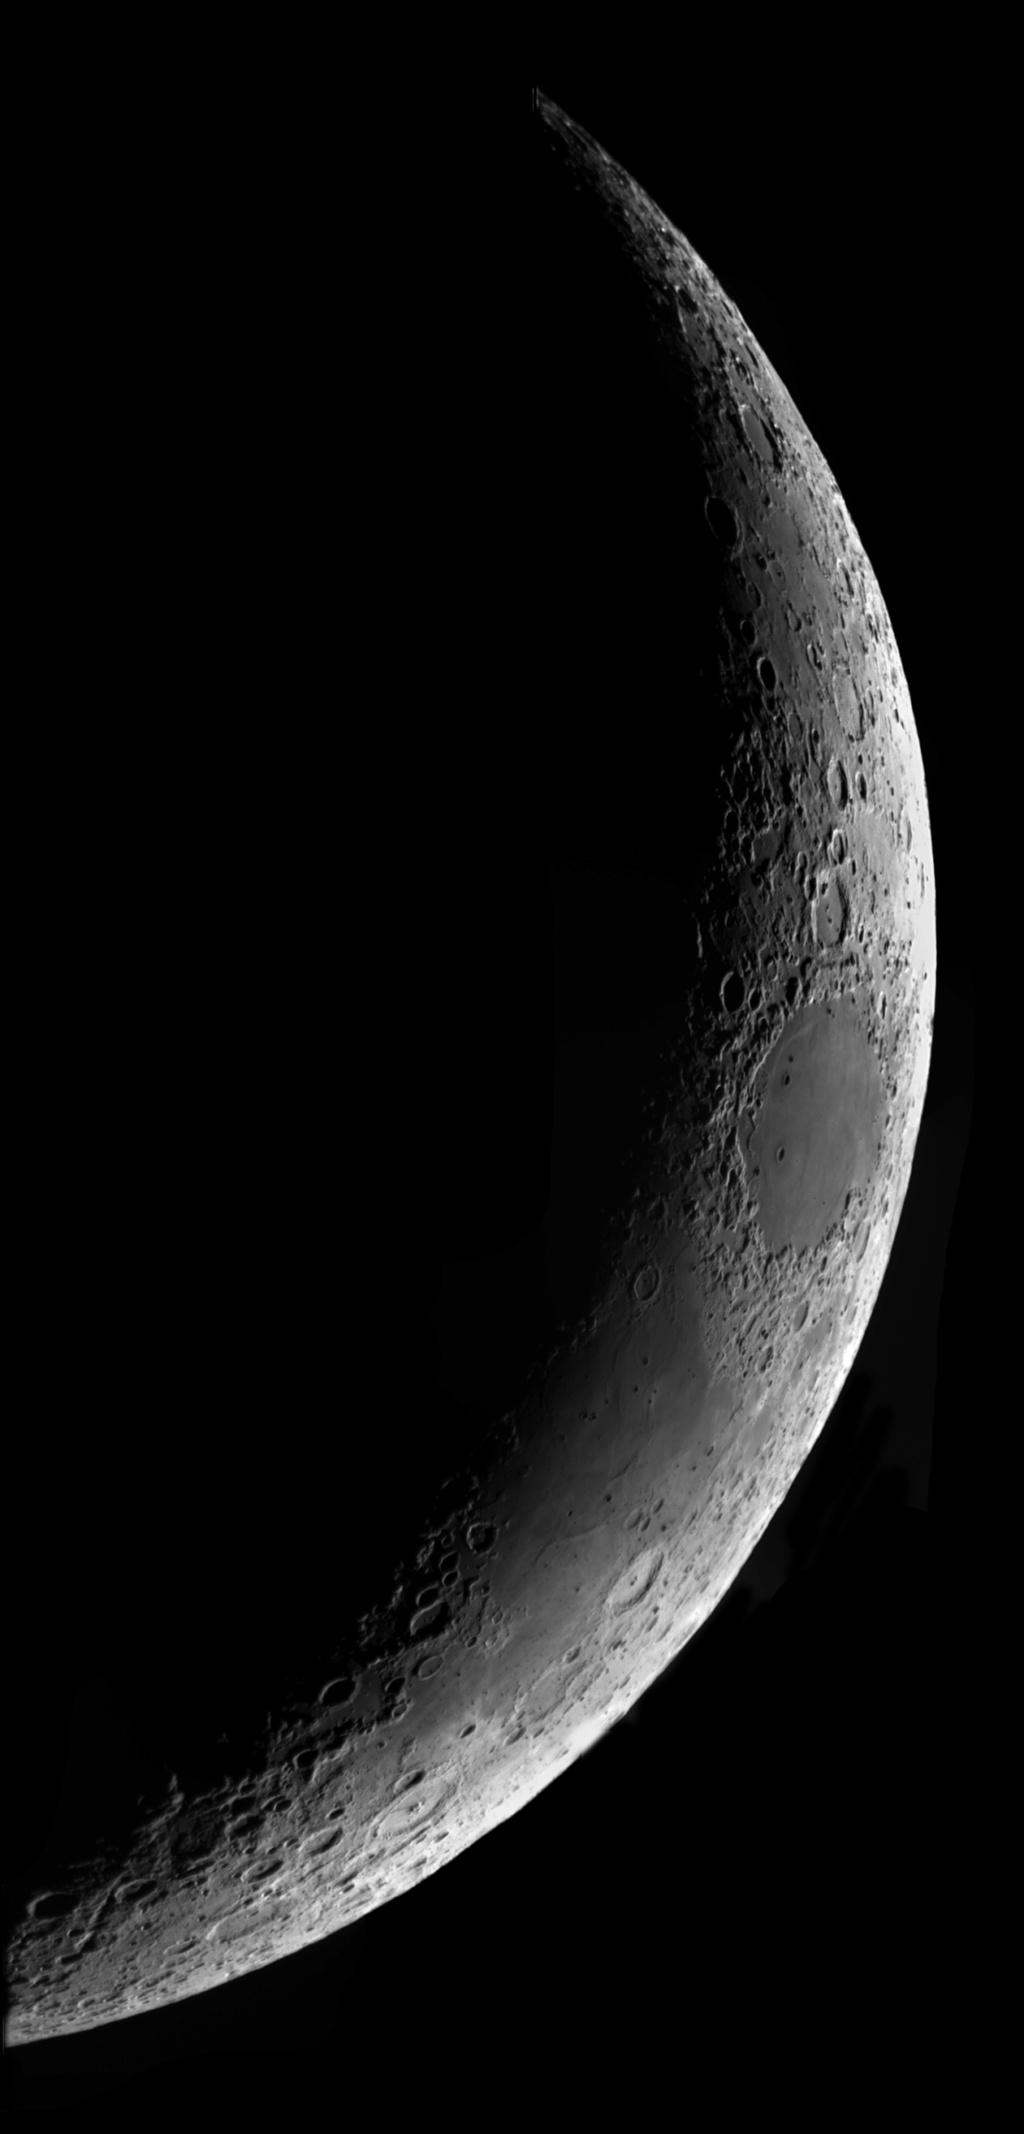 nouvelle pano de la lune Panora13